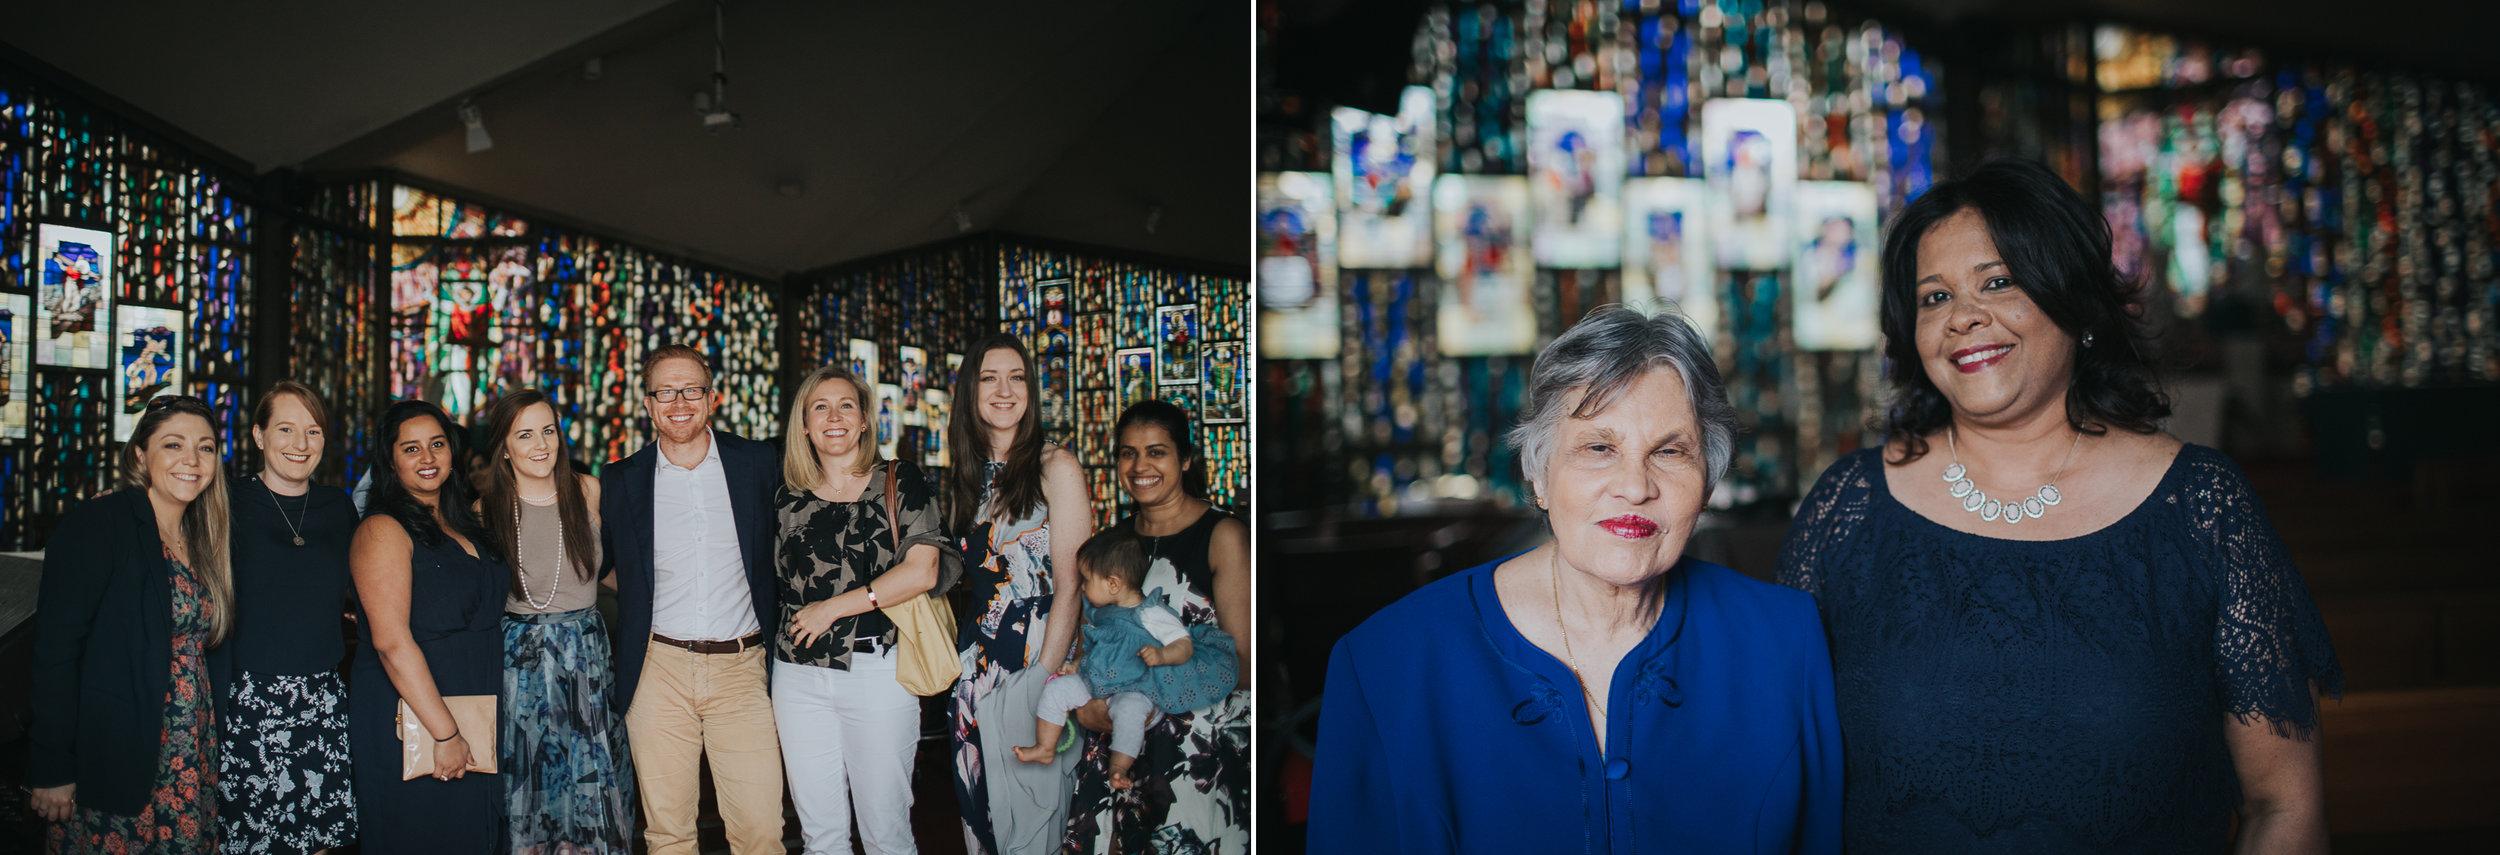 sydney_christening_photography.116.jpg